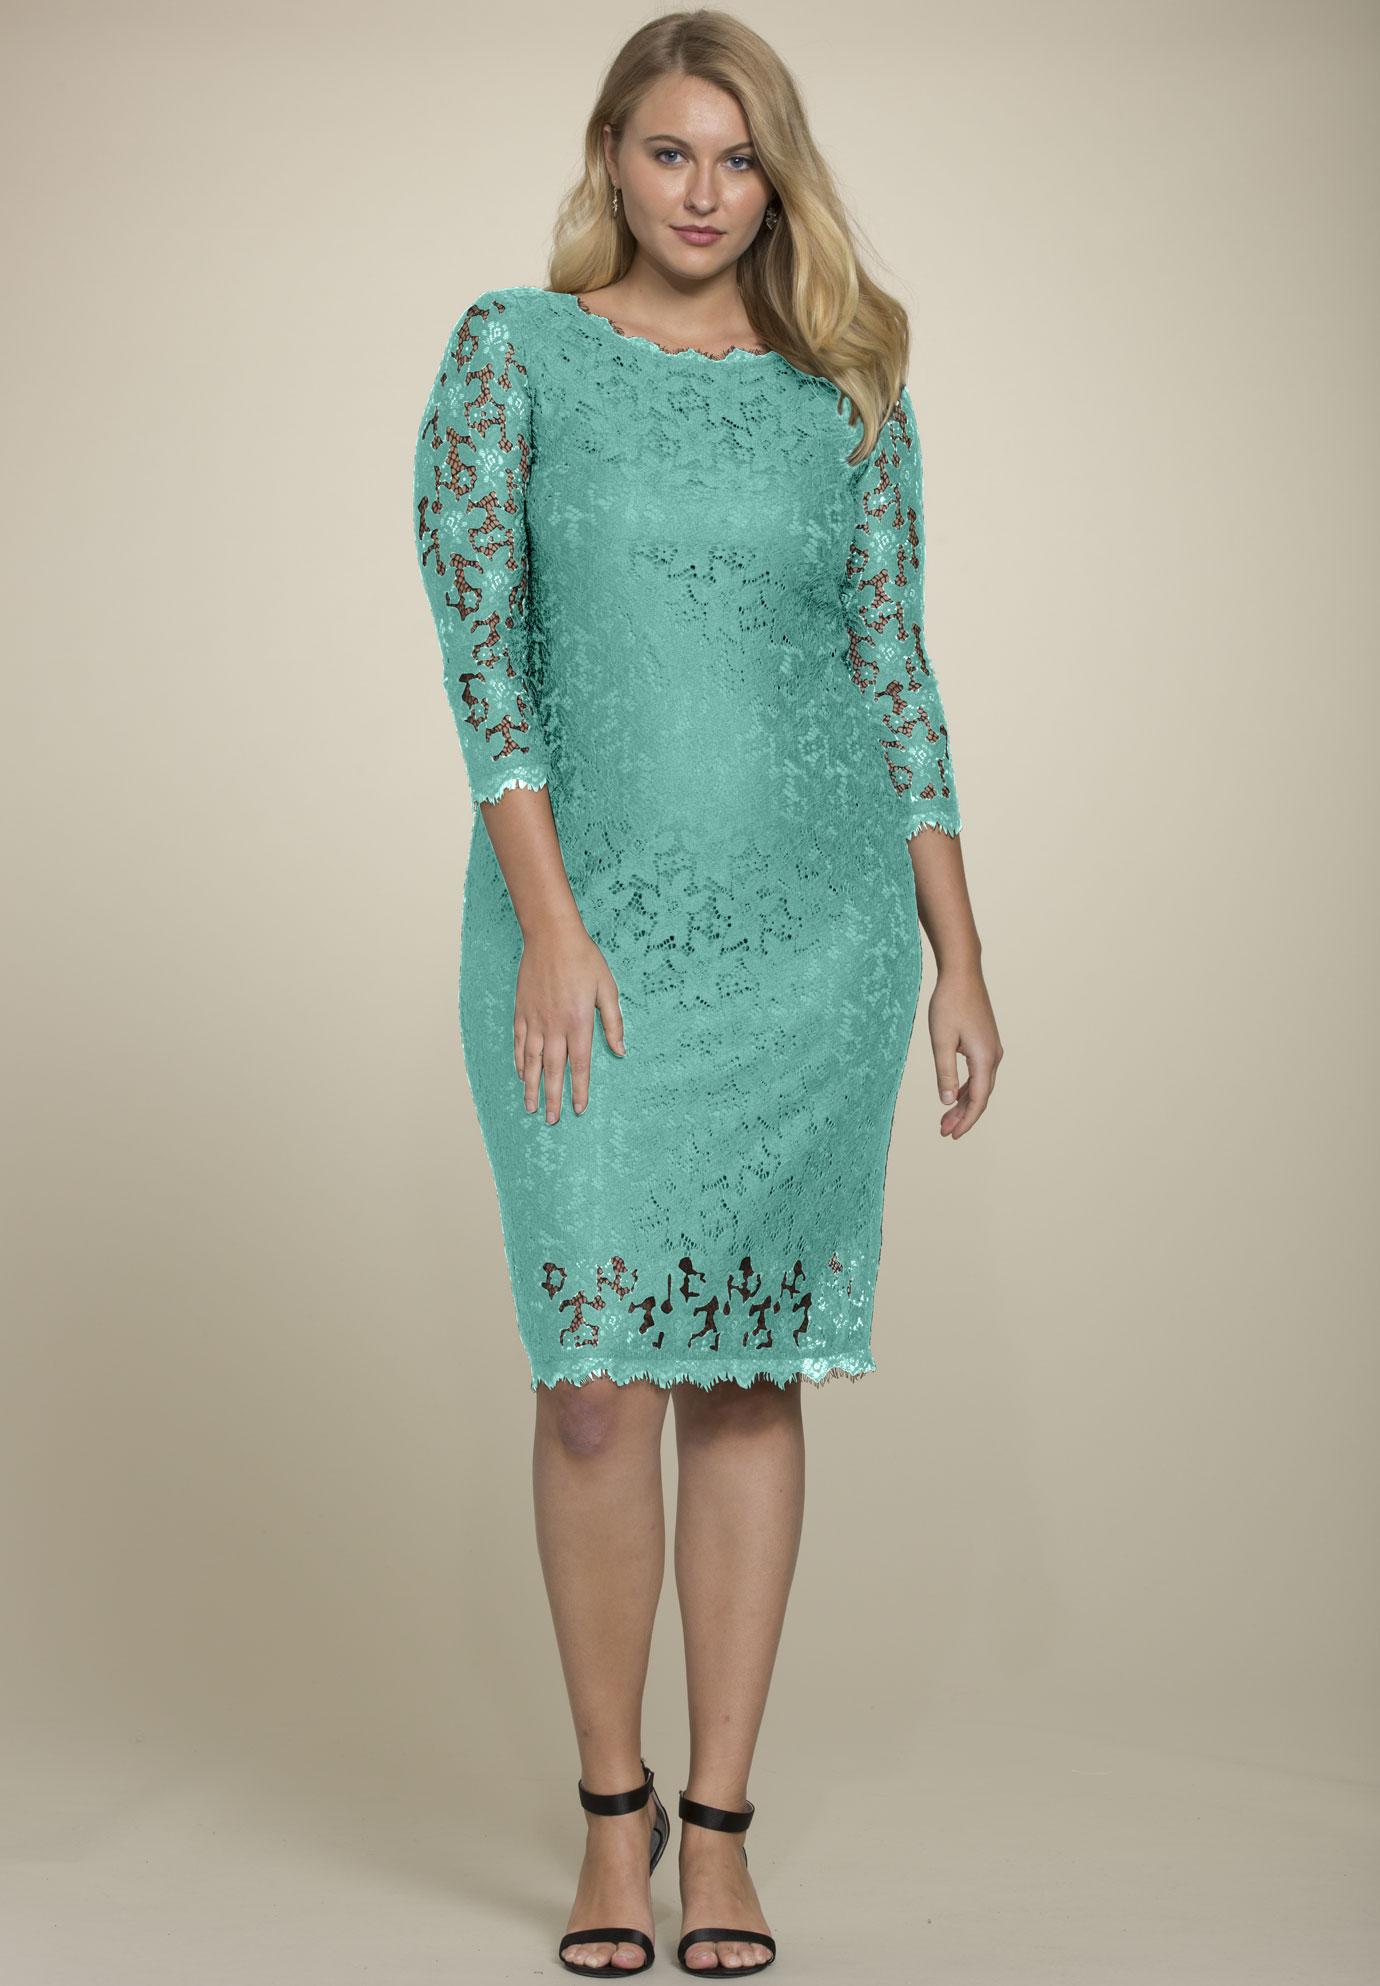 Lace Sheath Dress Plus Size Dresses Roamans